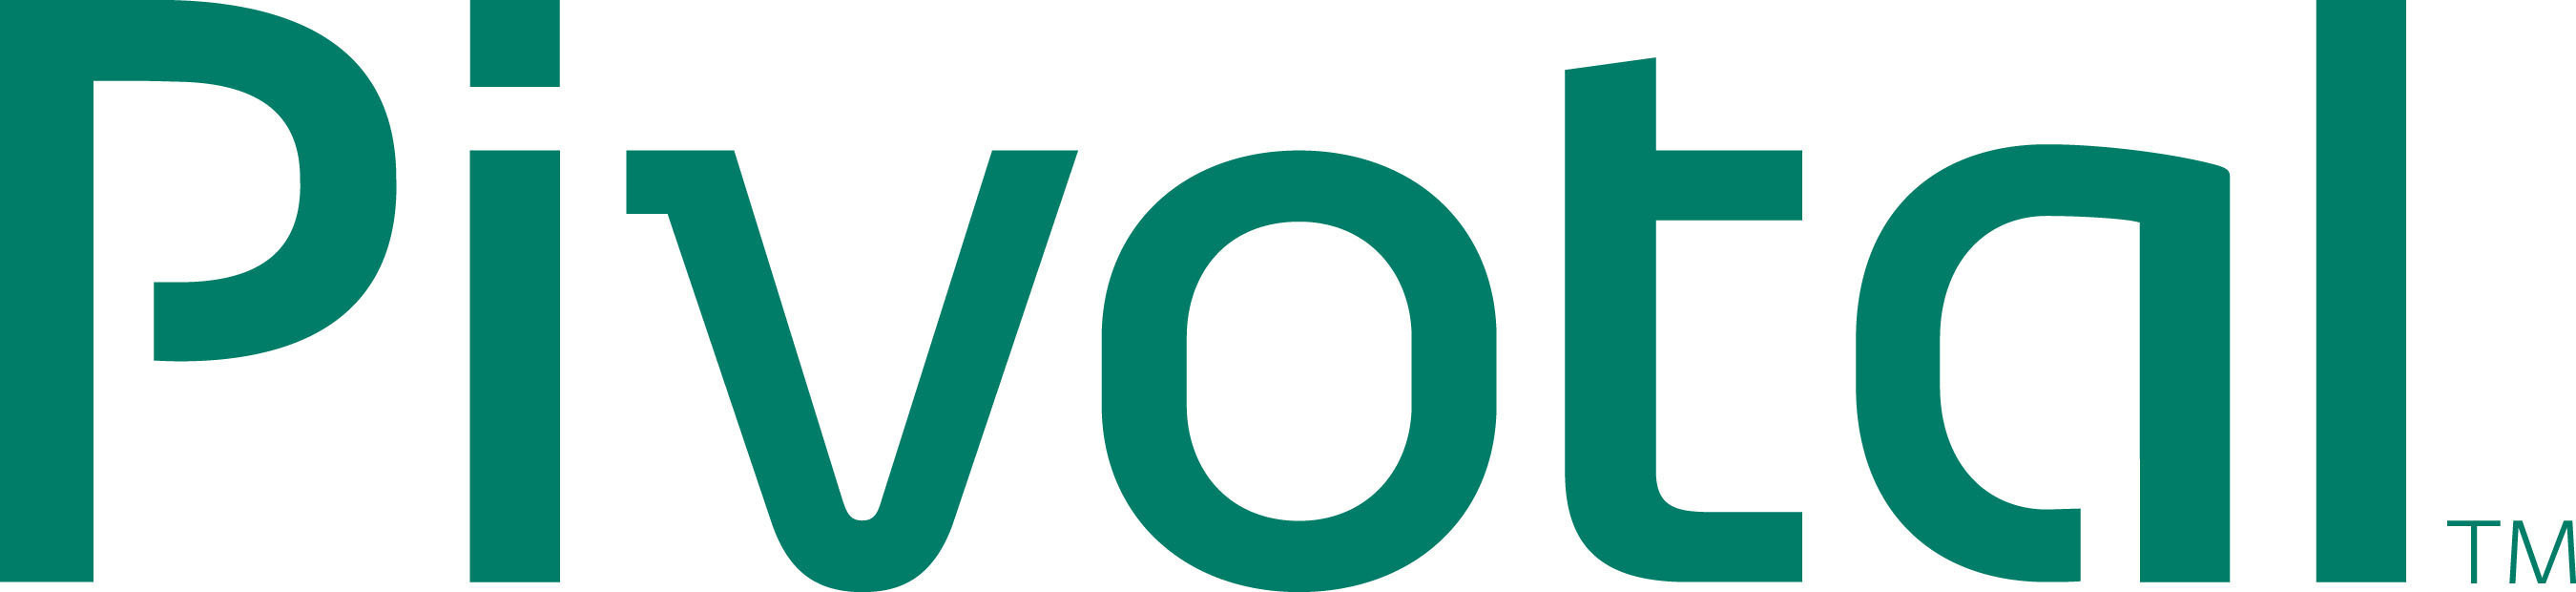 Pivotal anuncia cambios en la dirección ejecutiva y unos resultados record